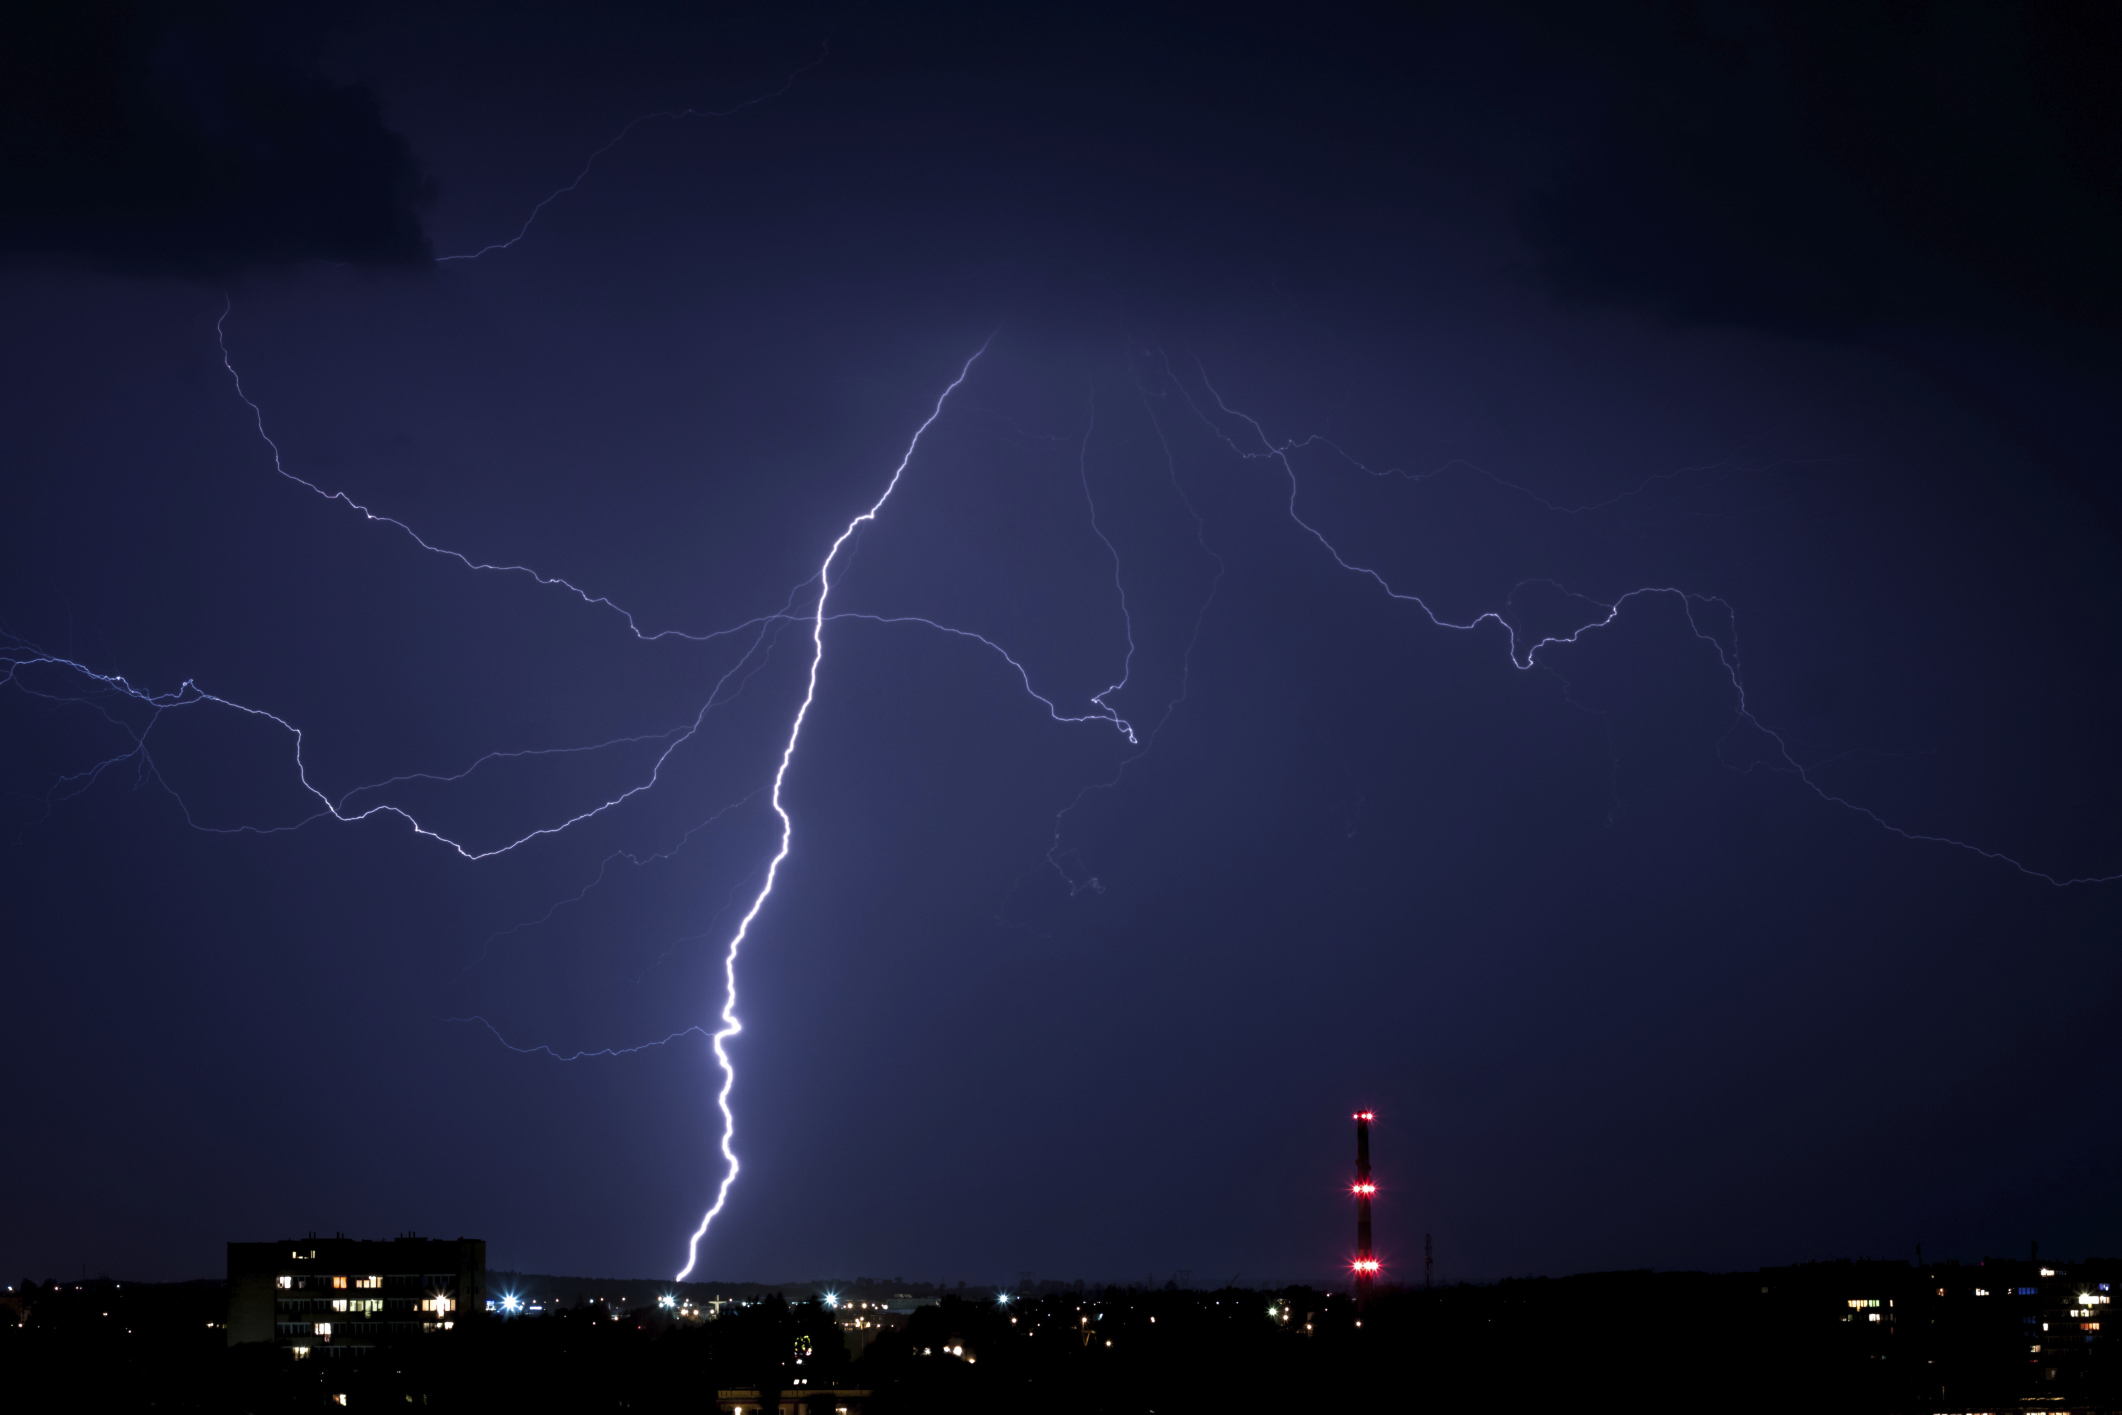 Lightening strike night sky